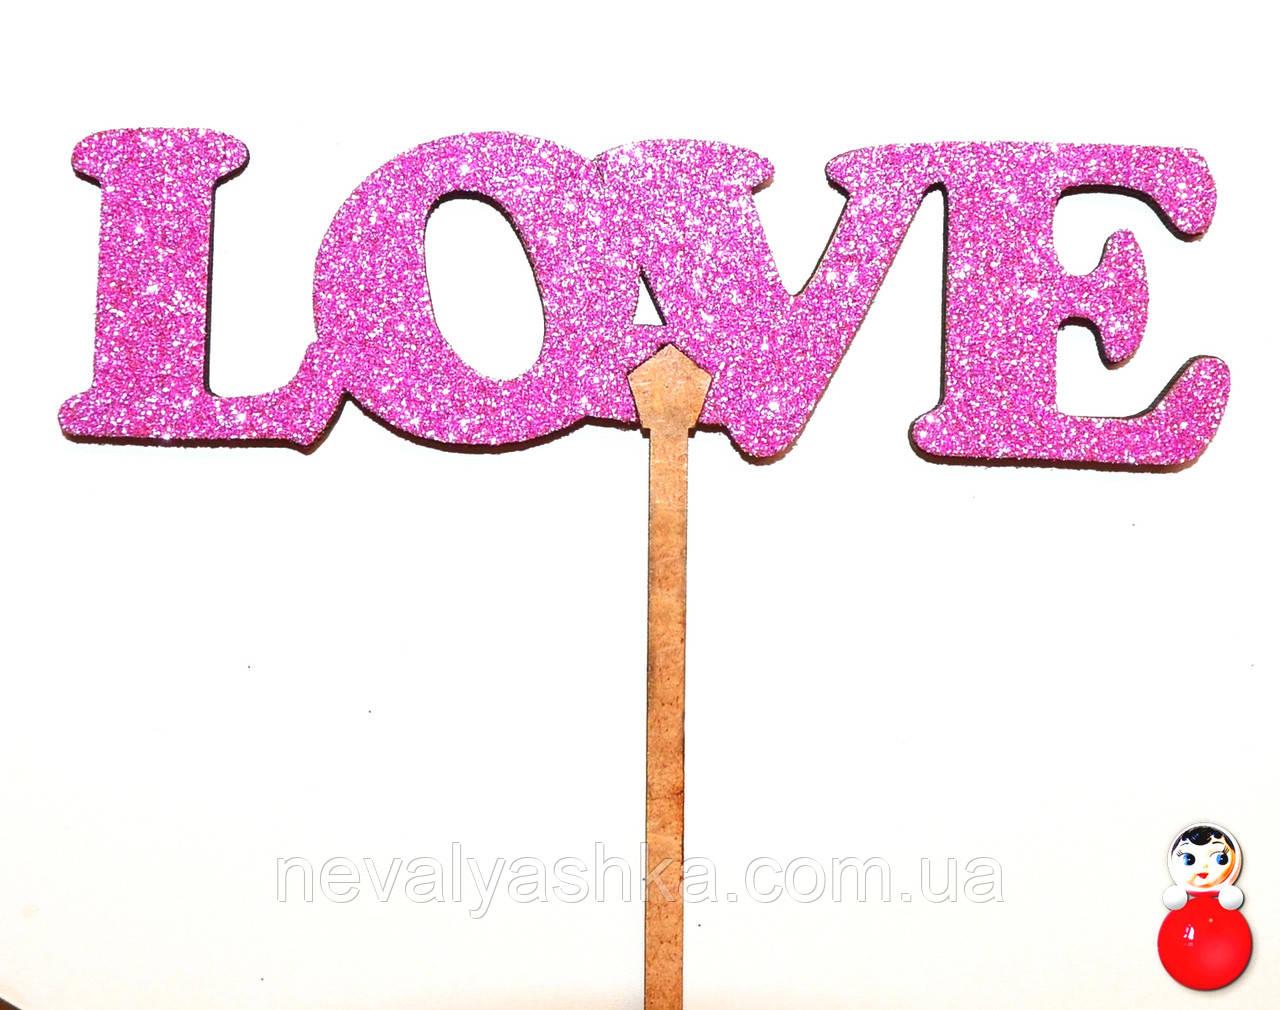 ТОППЕР Деревянный LOVE Любовь Люблю с Глиттером Блестящий Блёстками РОЗОВЫЙ Топперы для Торта Топер дерев'яний